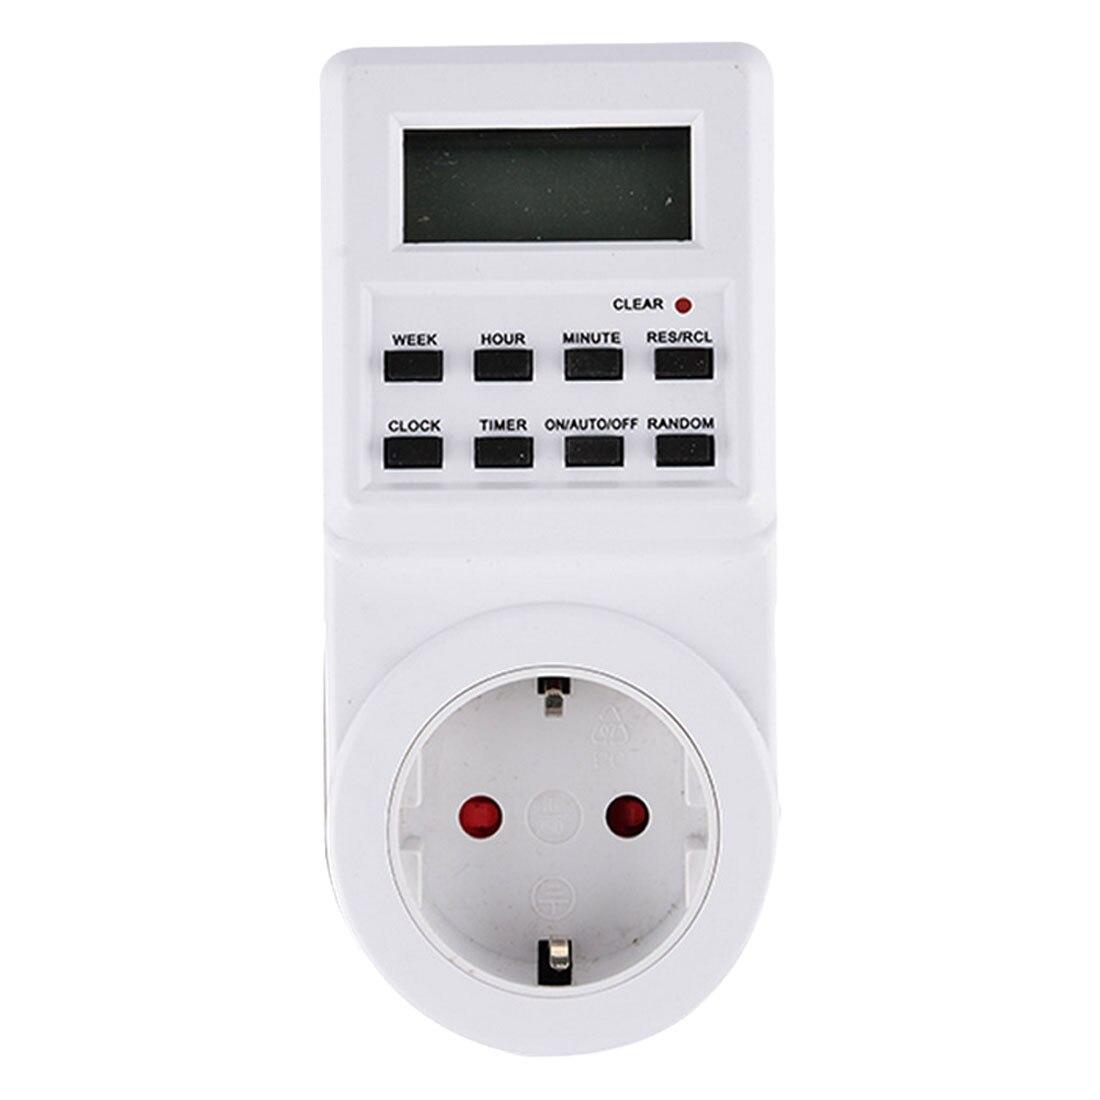 Hot! EU/US/UK/AU 230 V Stecker Schaltsteckdose Plug-in Programmierbare Zeitschaltuhr steckdose mit Uhr Sommer Zufallsfunktion